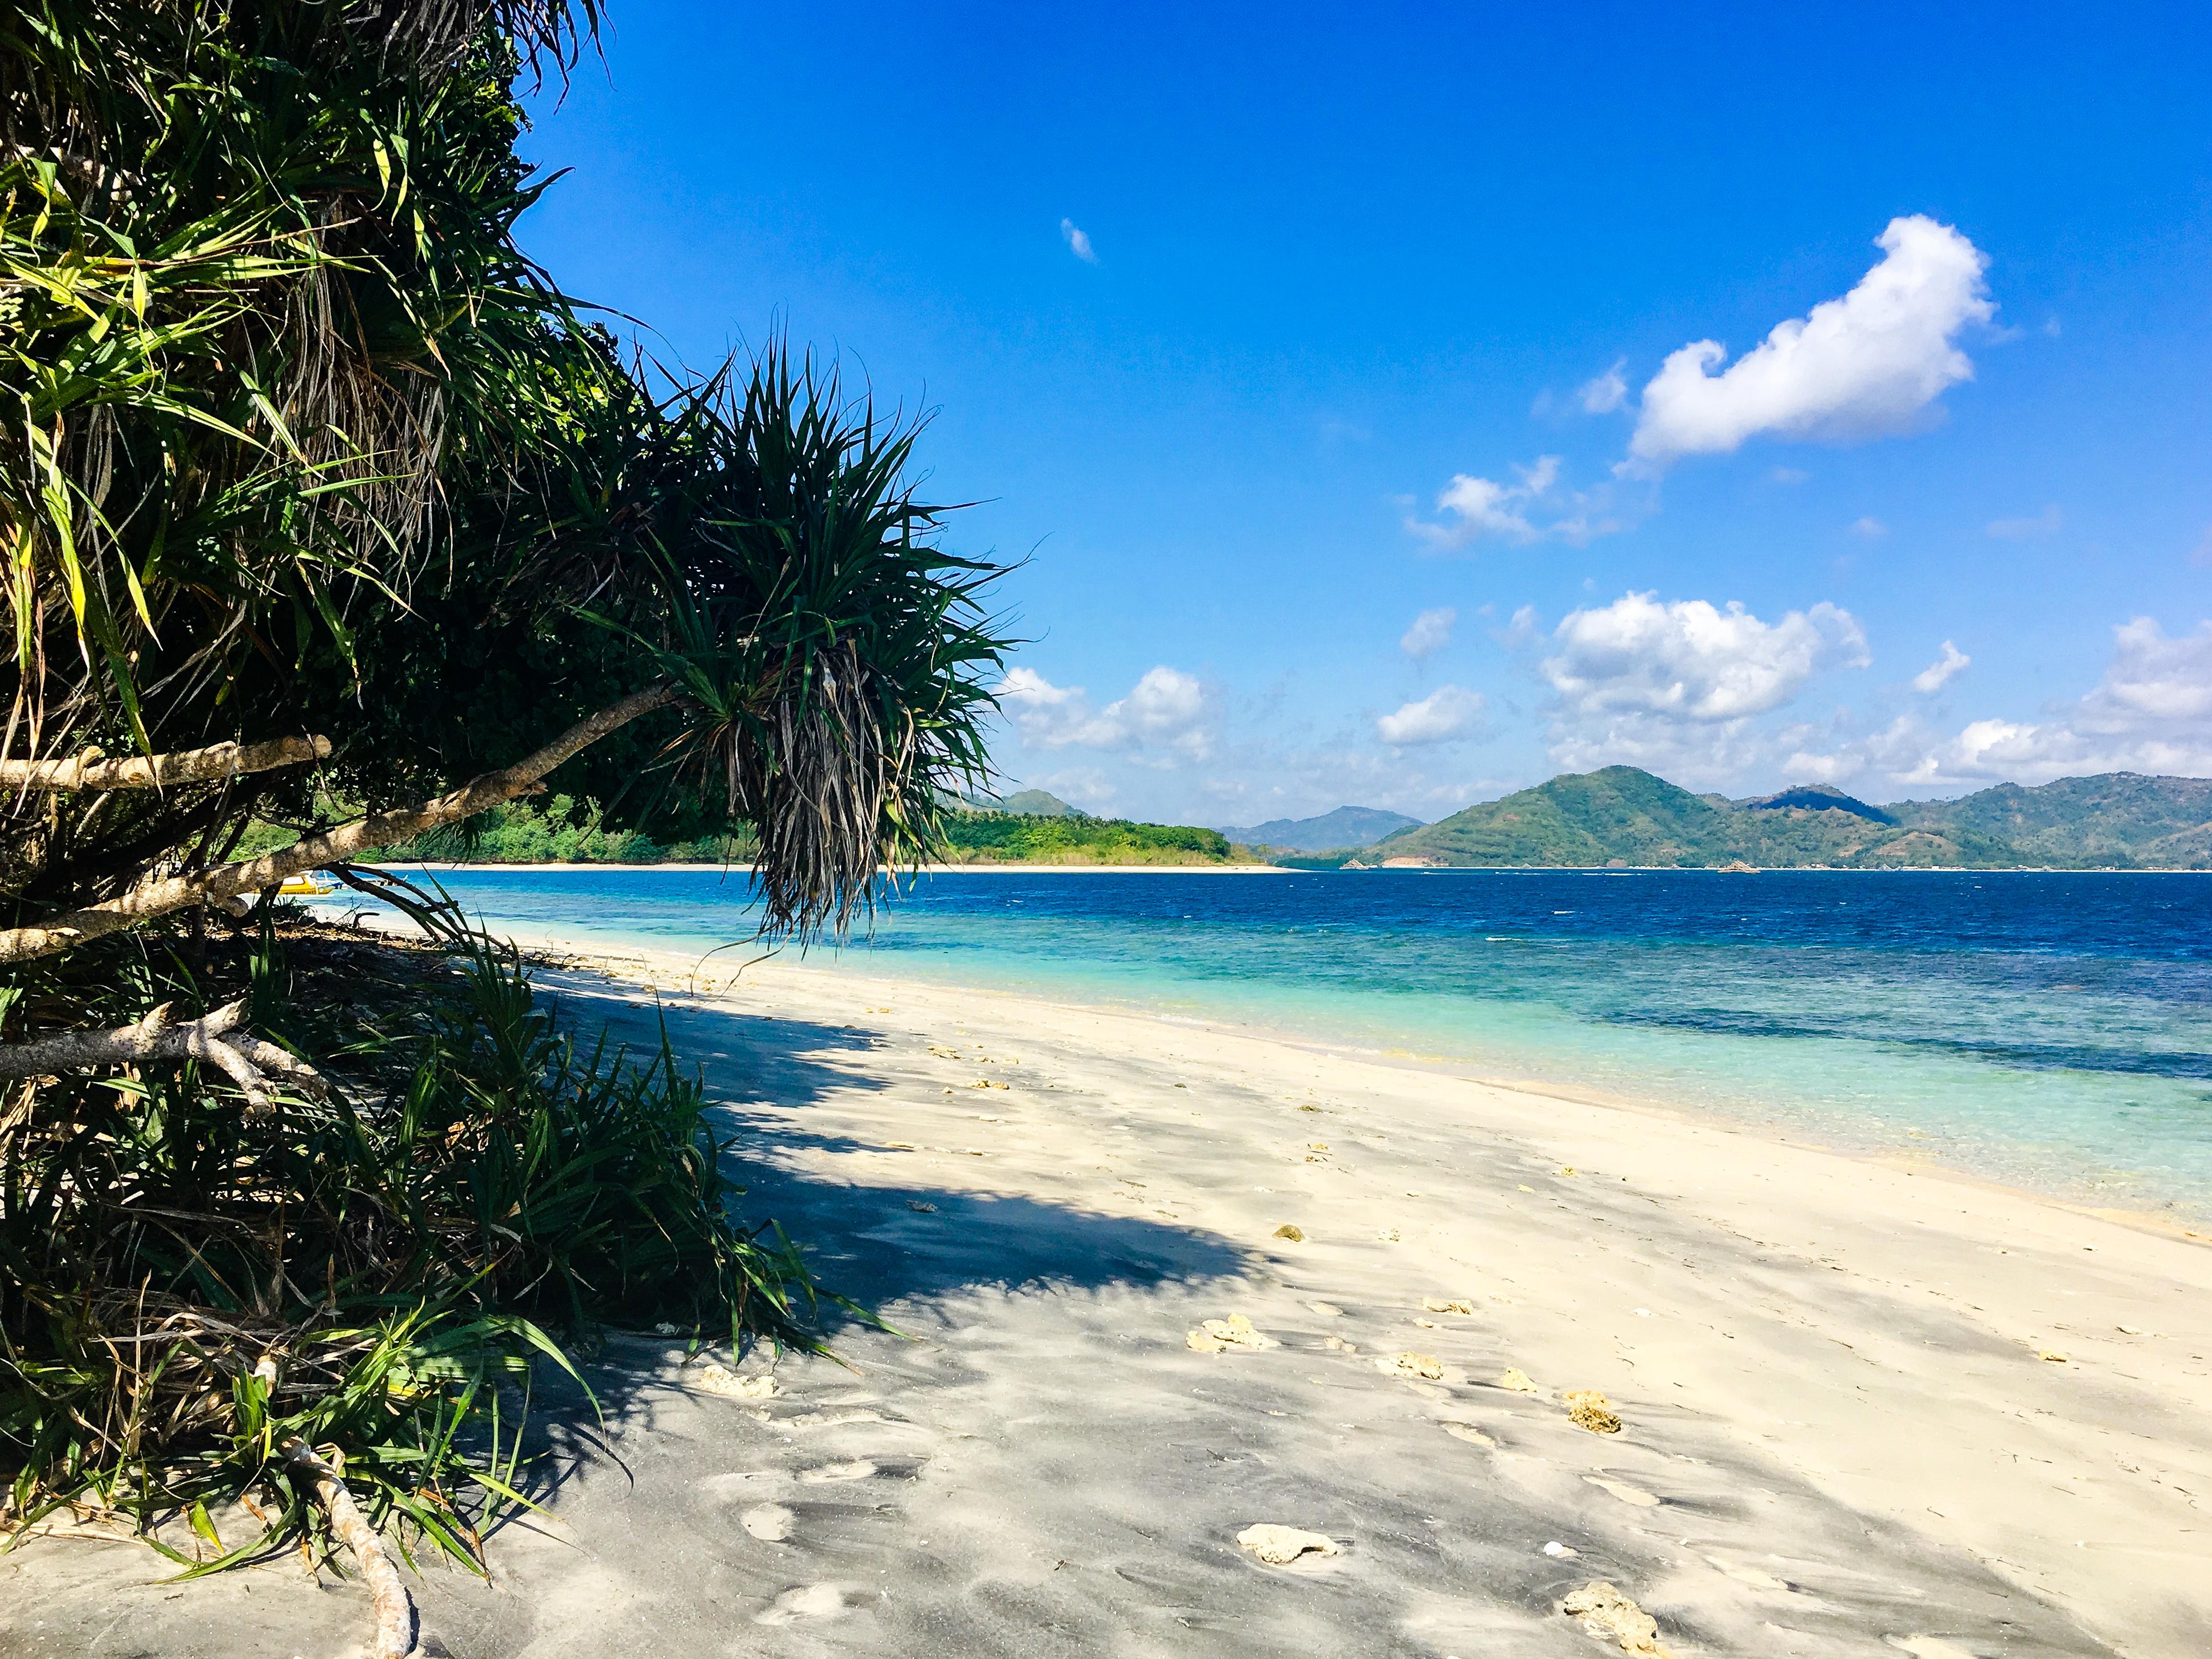 Indonesien, Lombok: Inselparadies auf Gili Nanggu